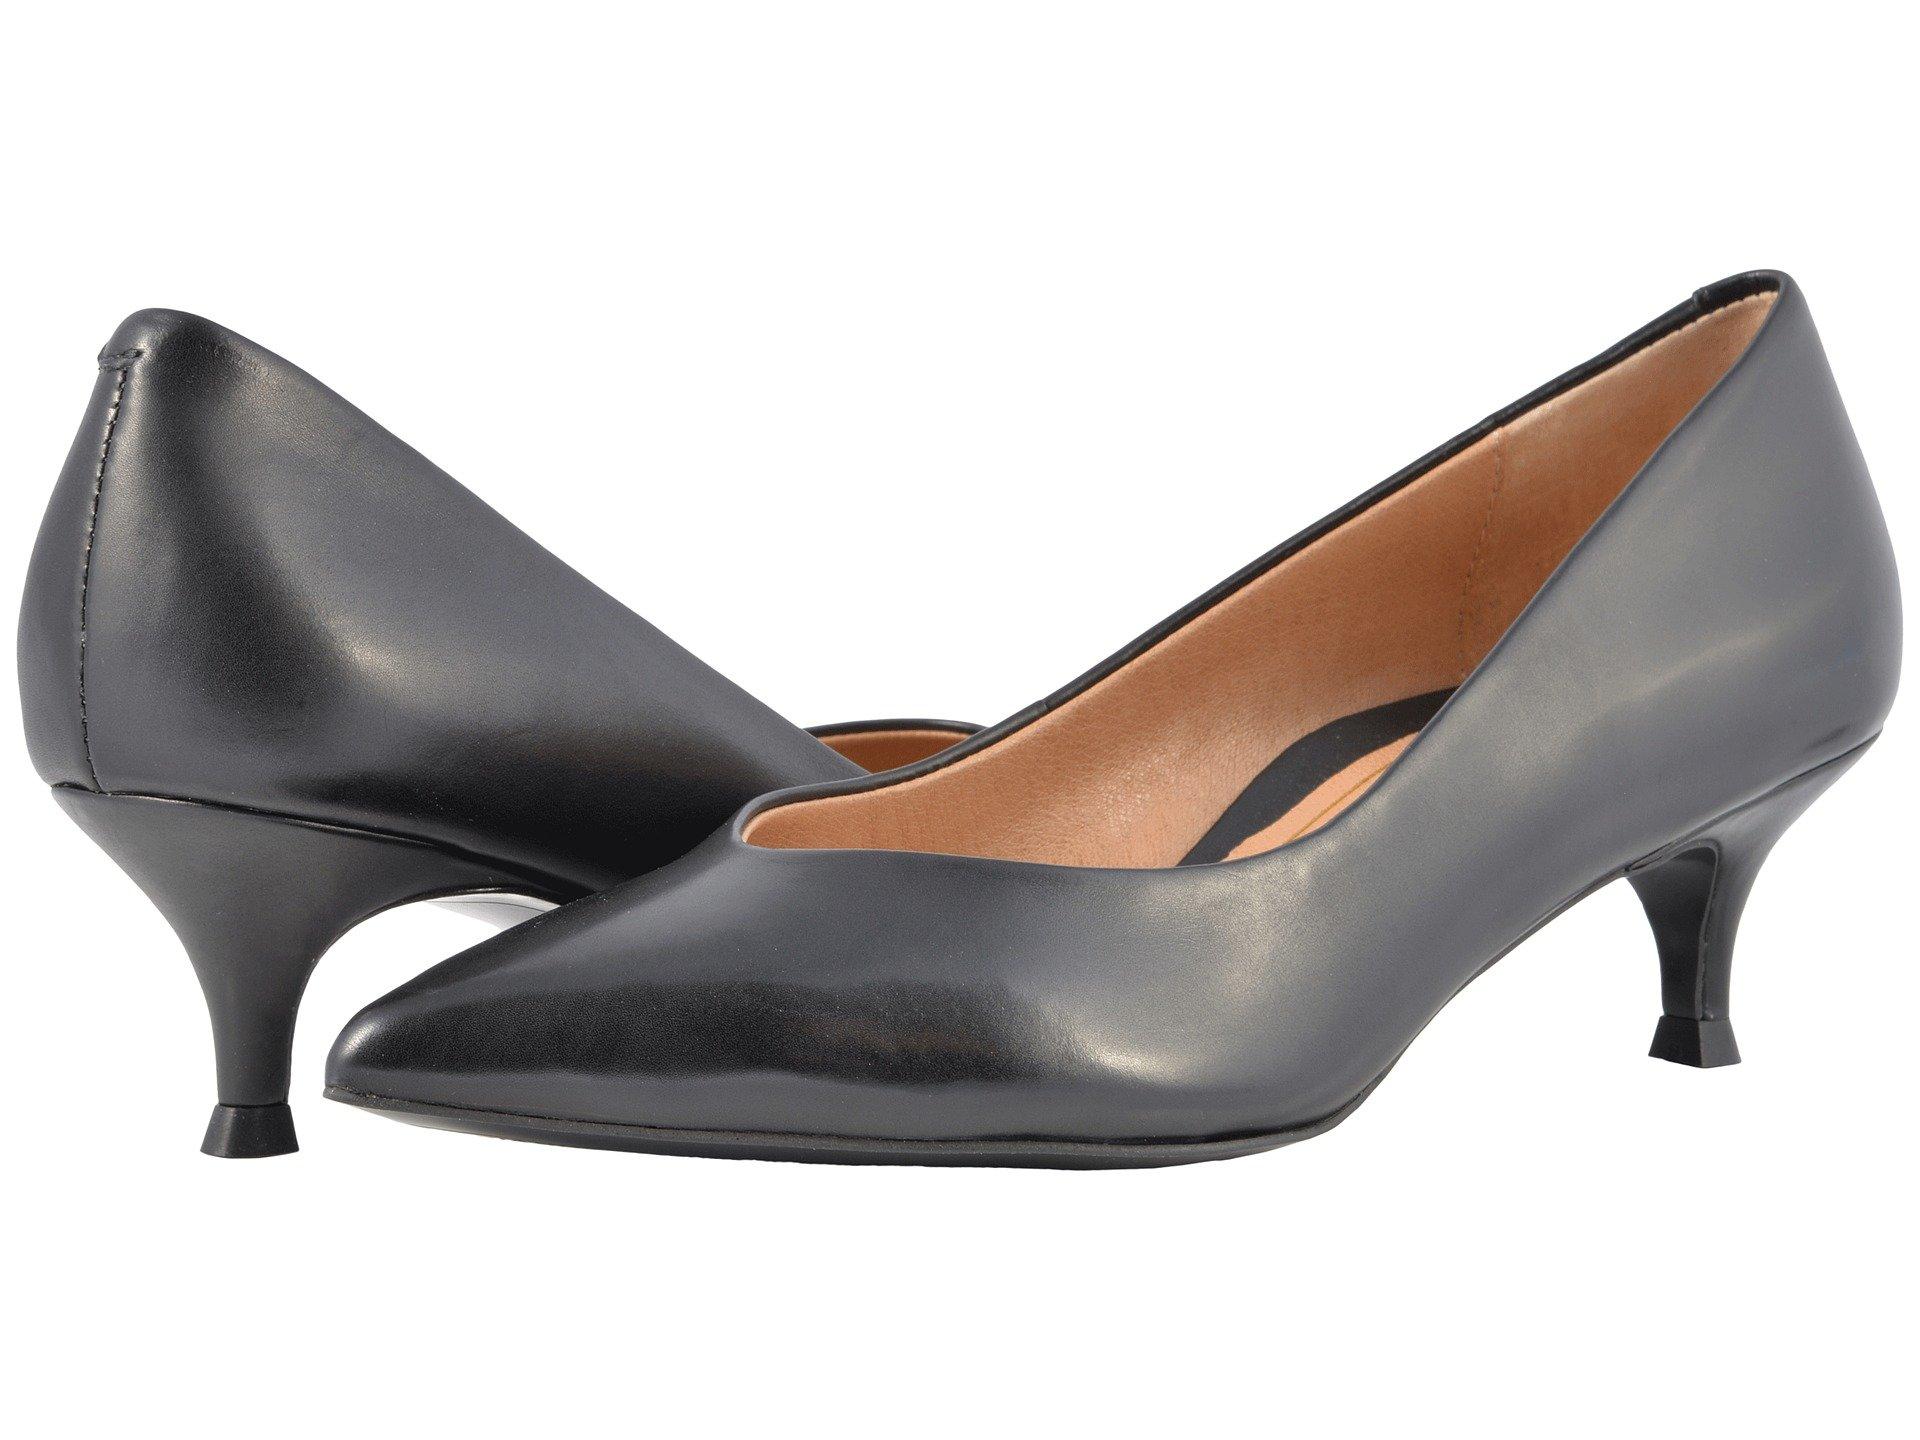 79cdb713207f10 Women s VIONIC Shoes + FREE SHIPPING